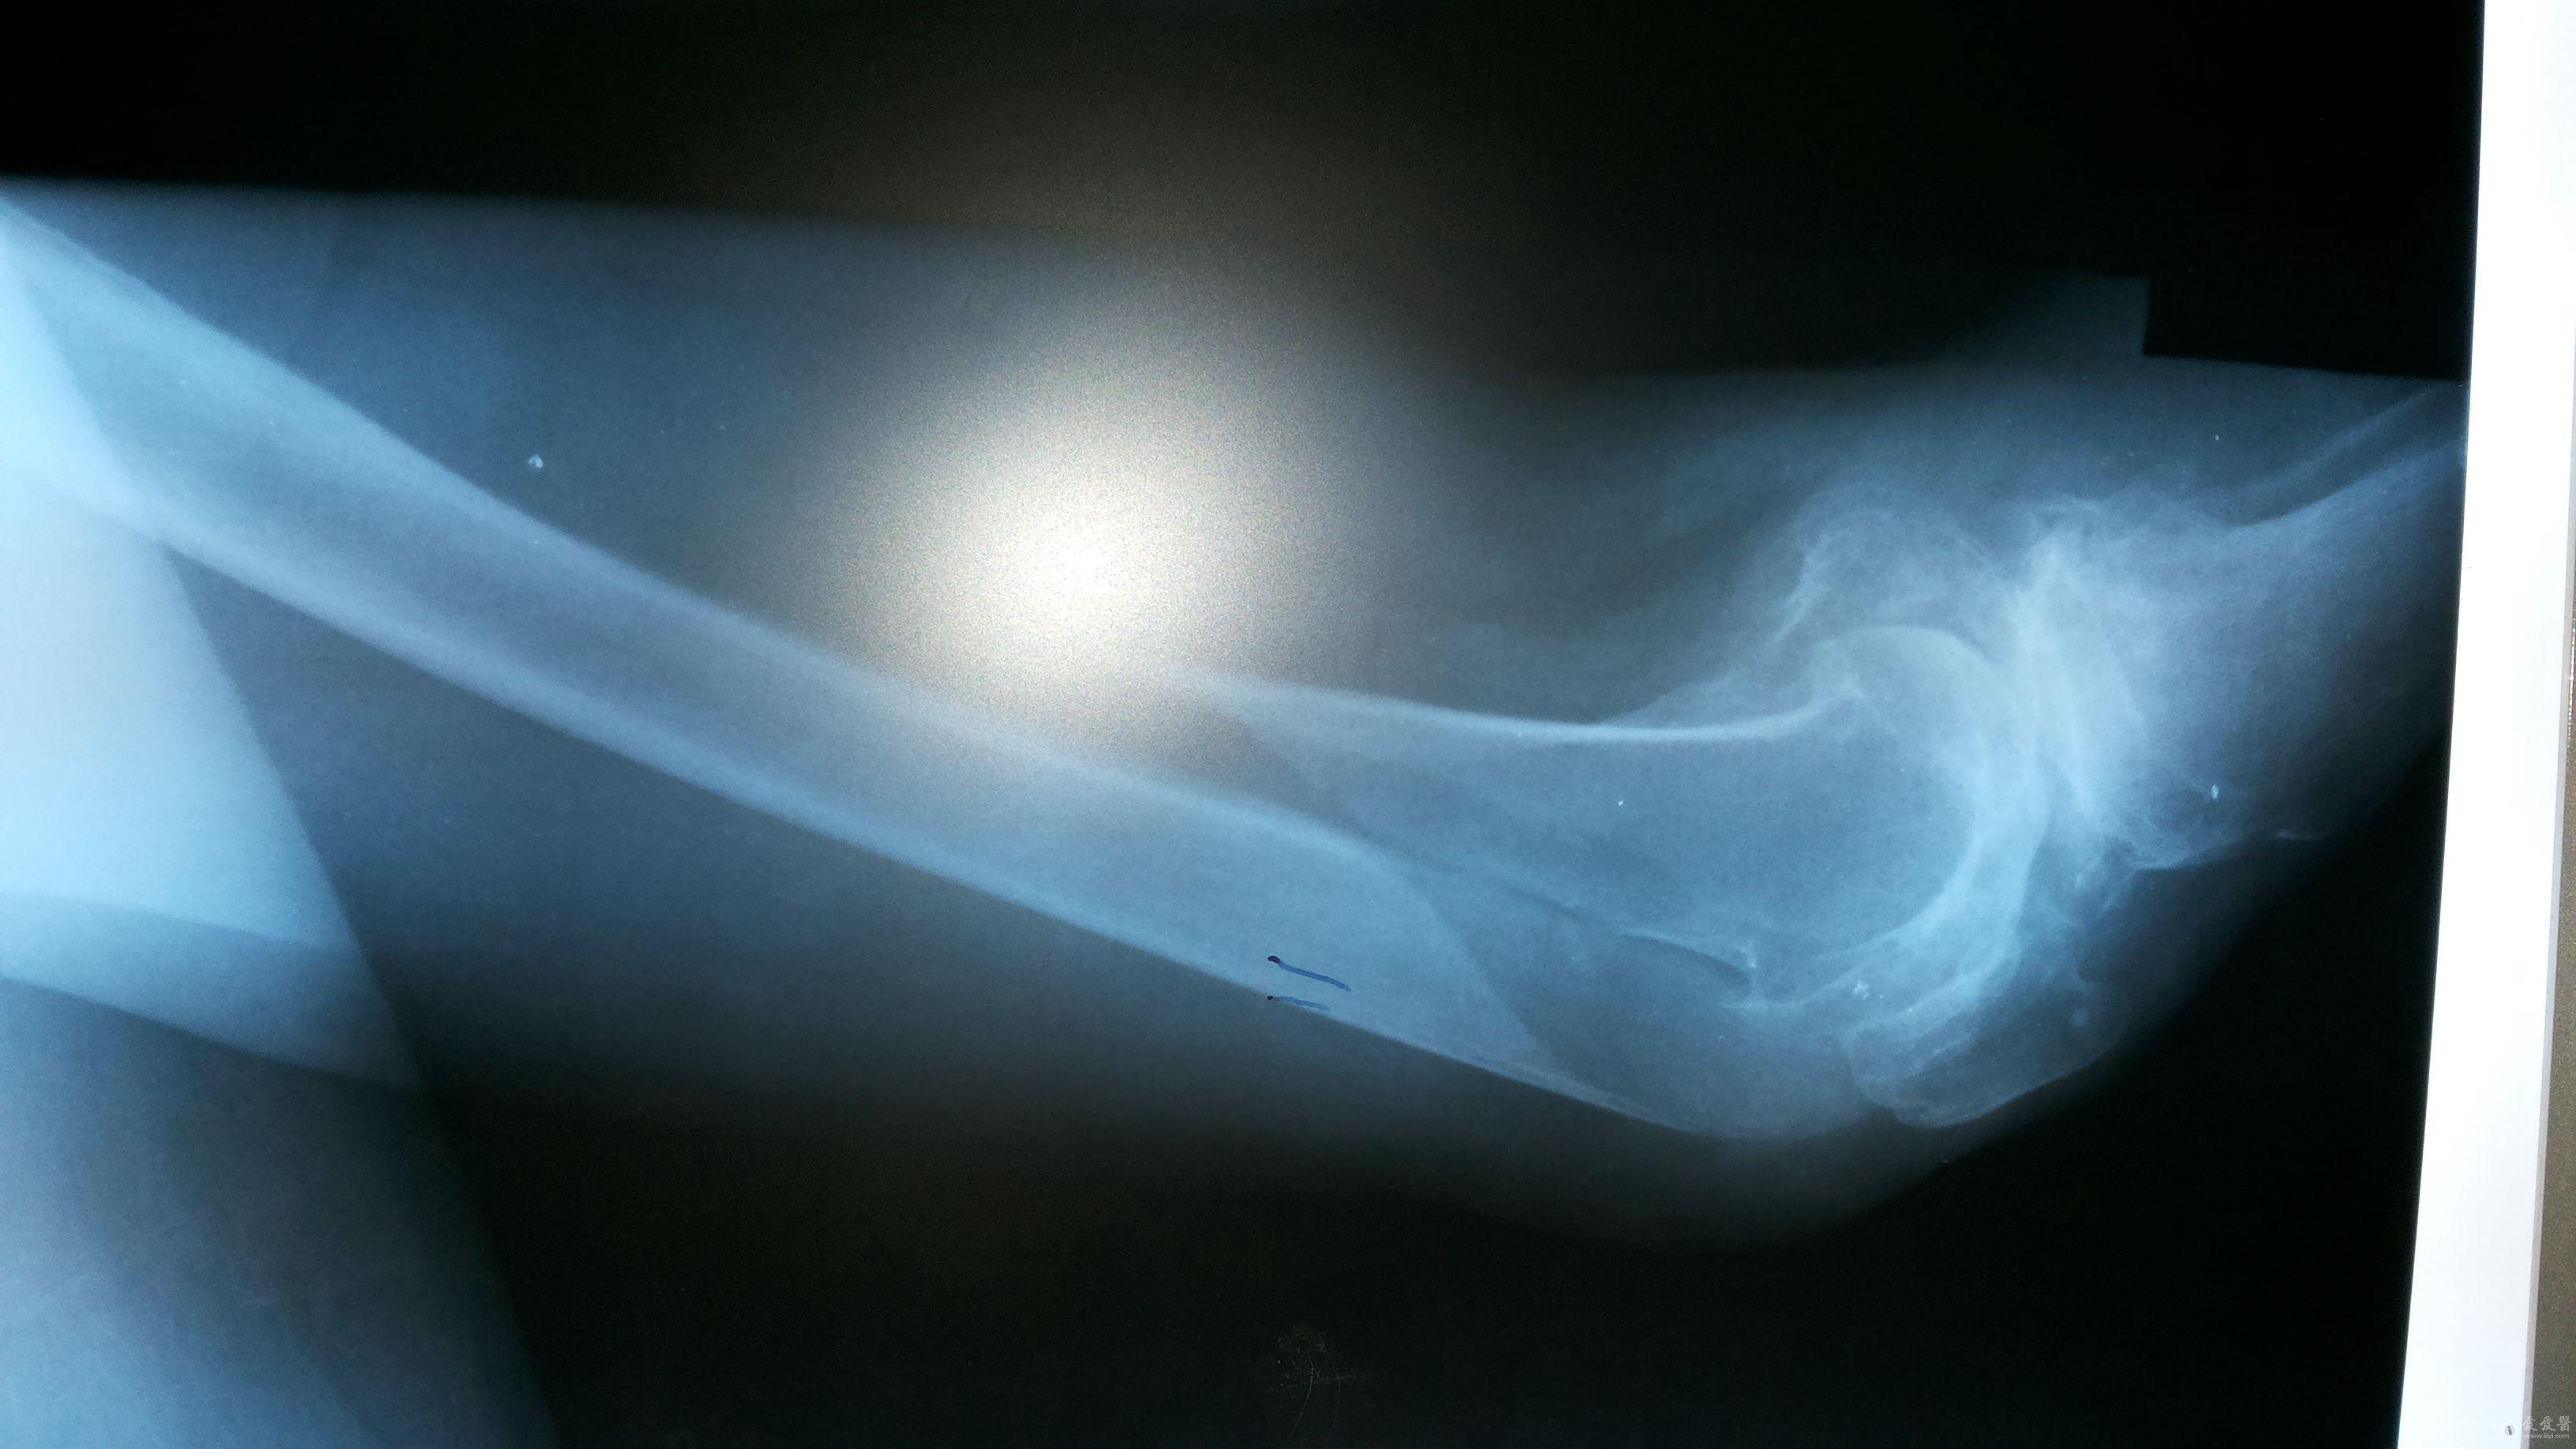 90歲股骨遠端長螺旋形骨折圖片